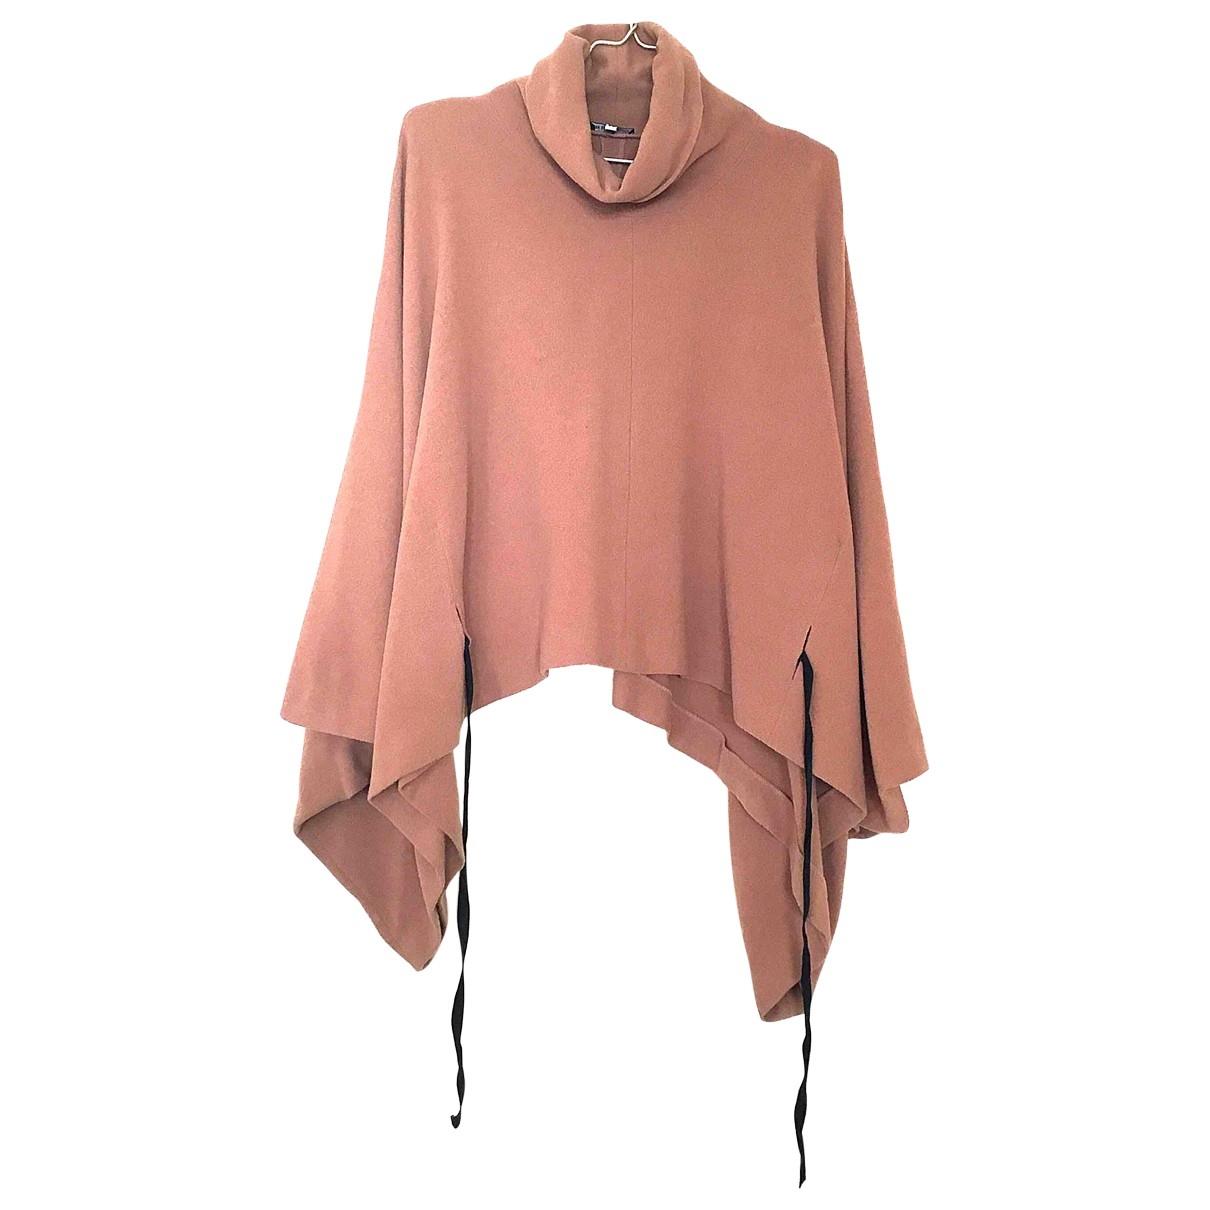 Ann Demeulemeester \N Beige Wool coat for Women 36 FR